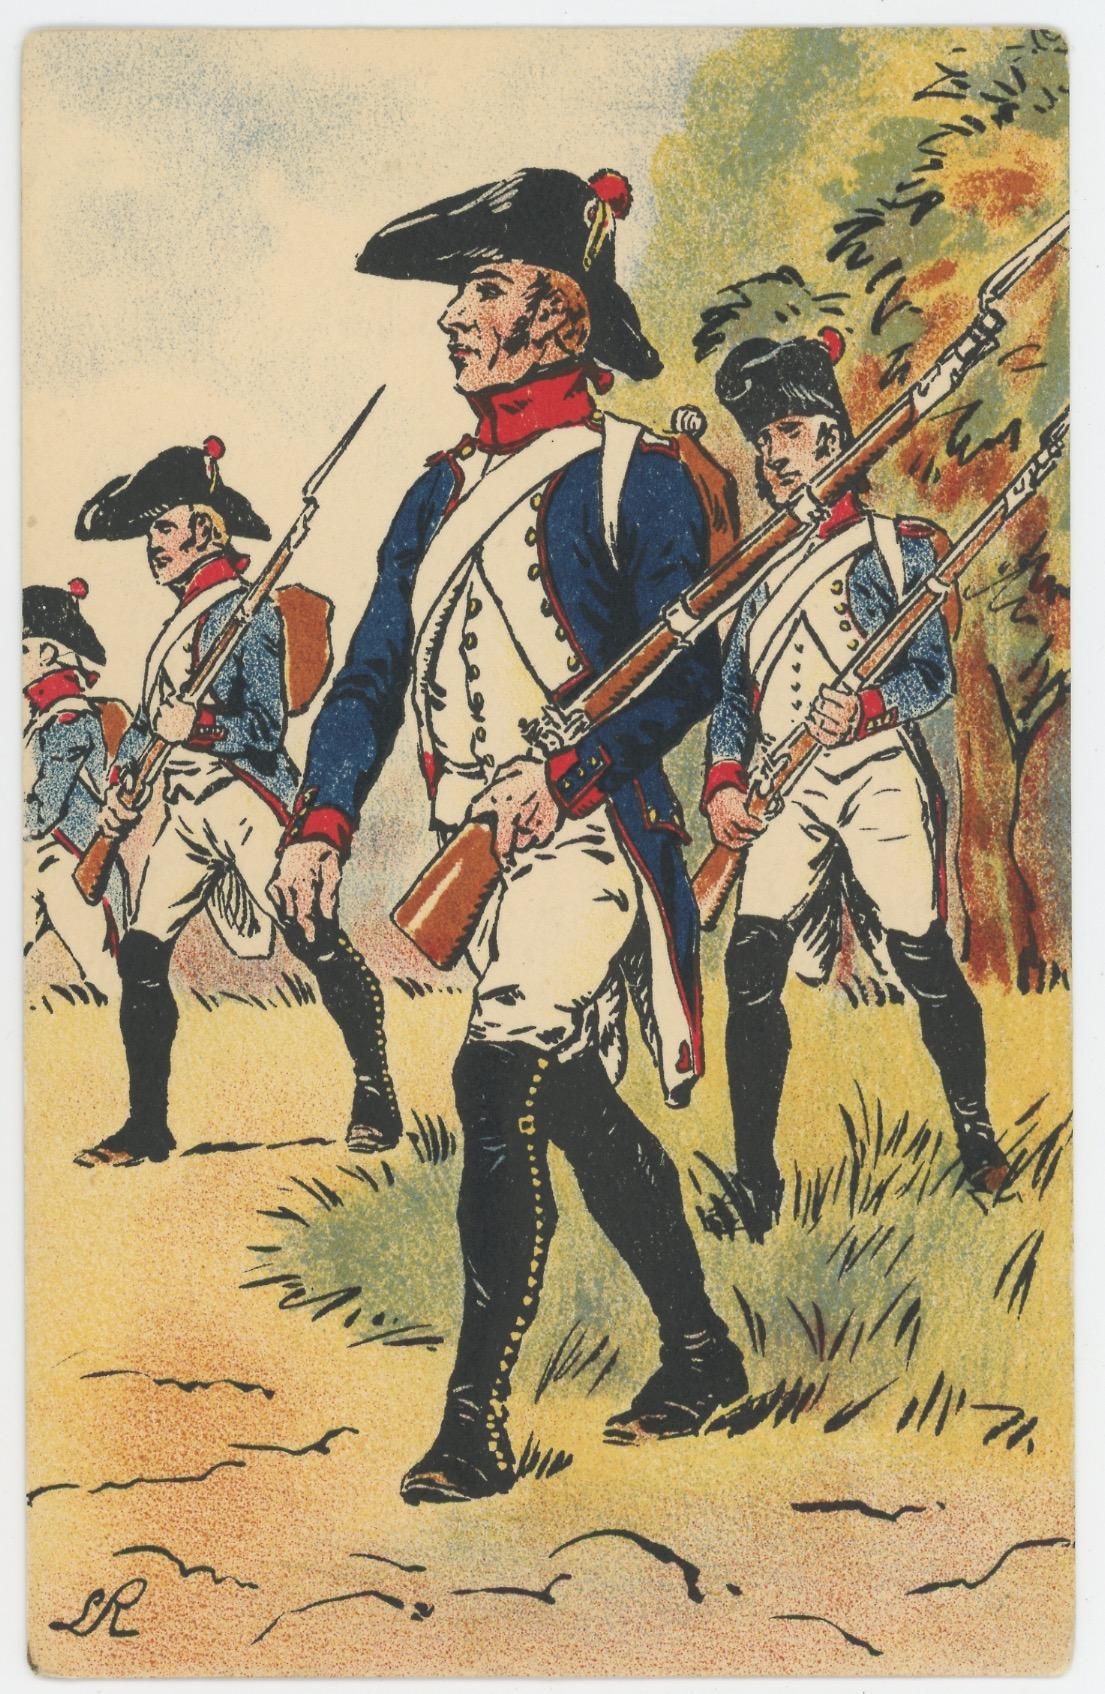 Lot 13 Cartes Postales Illustrées - Lucien Rousselot - Edition Musée de l'Armée - Historique uniforme - 1er Empire - Garde Impériale